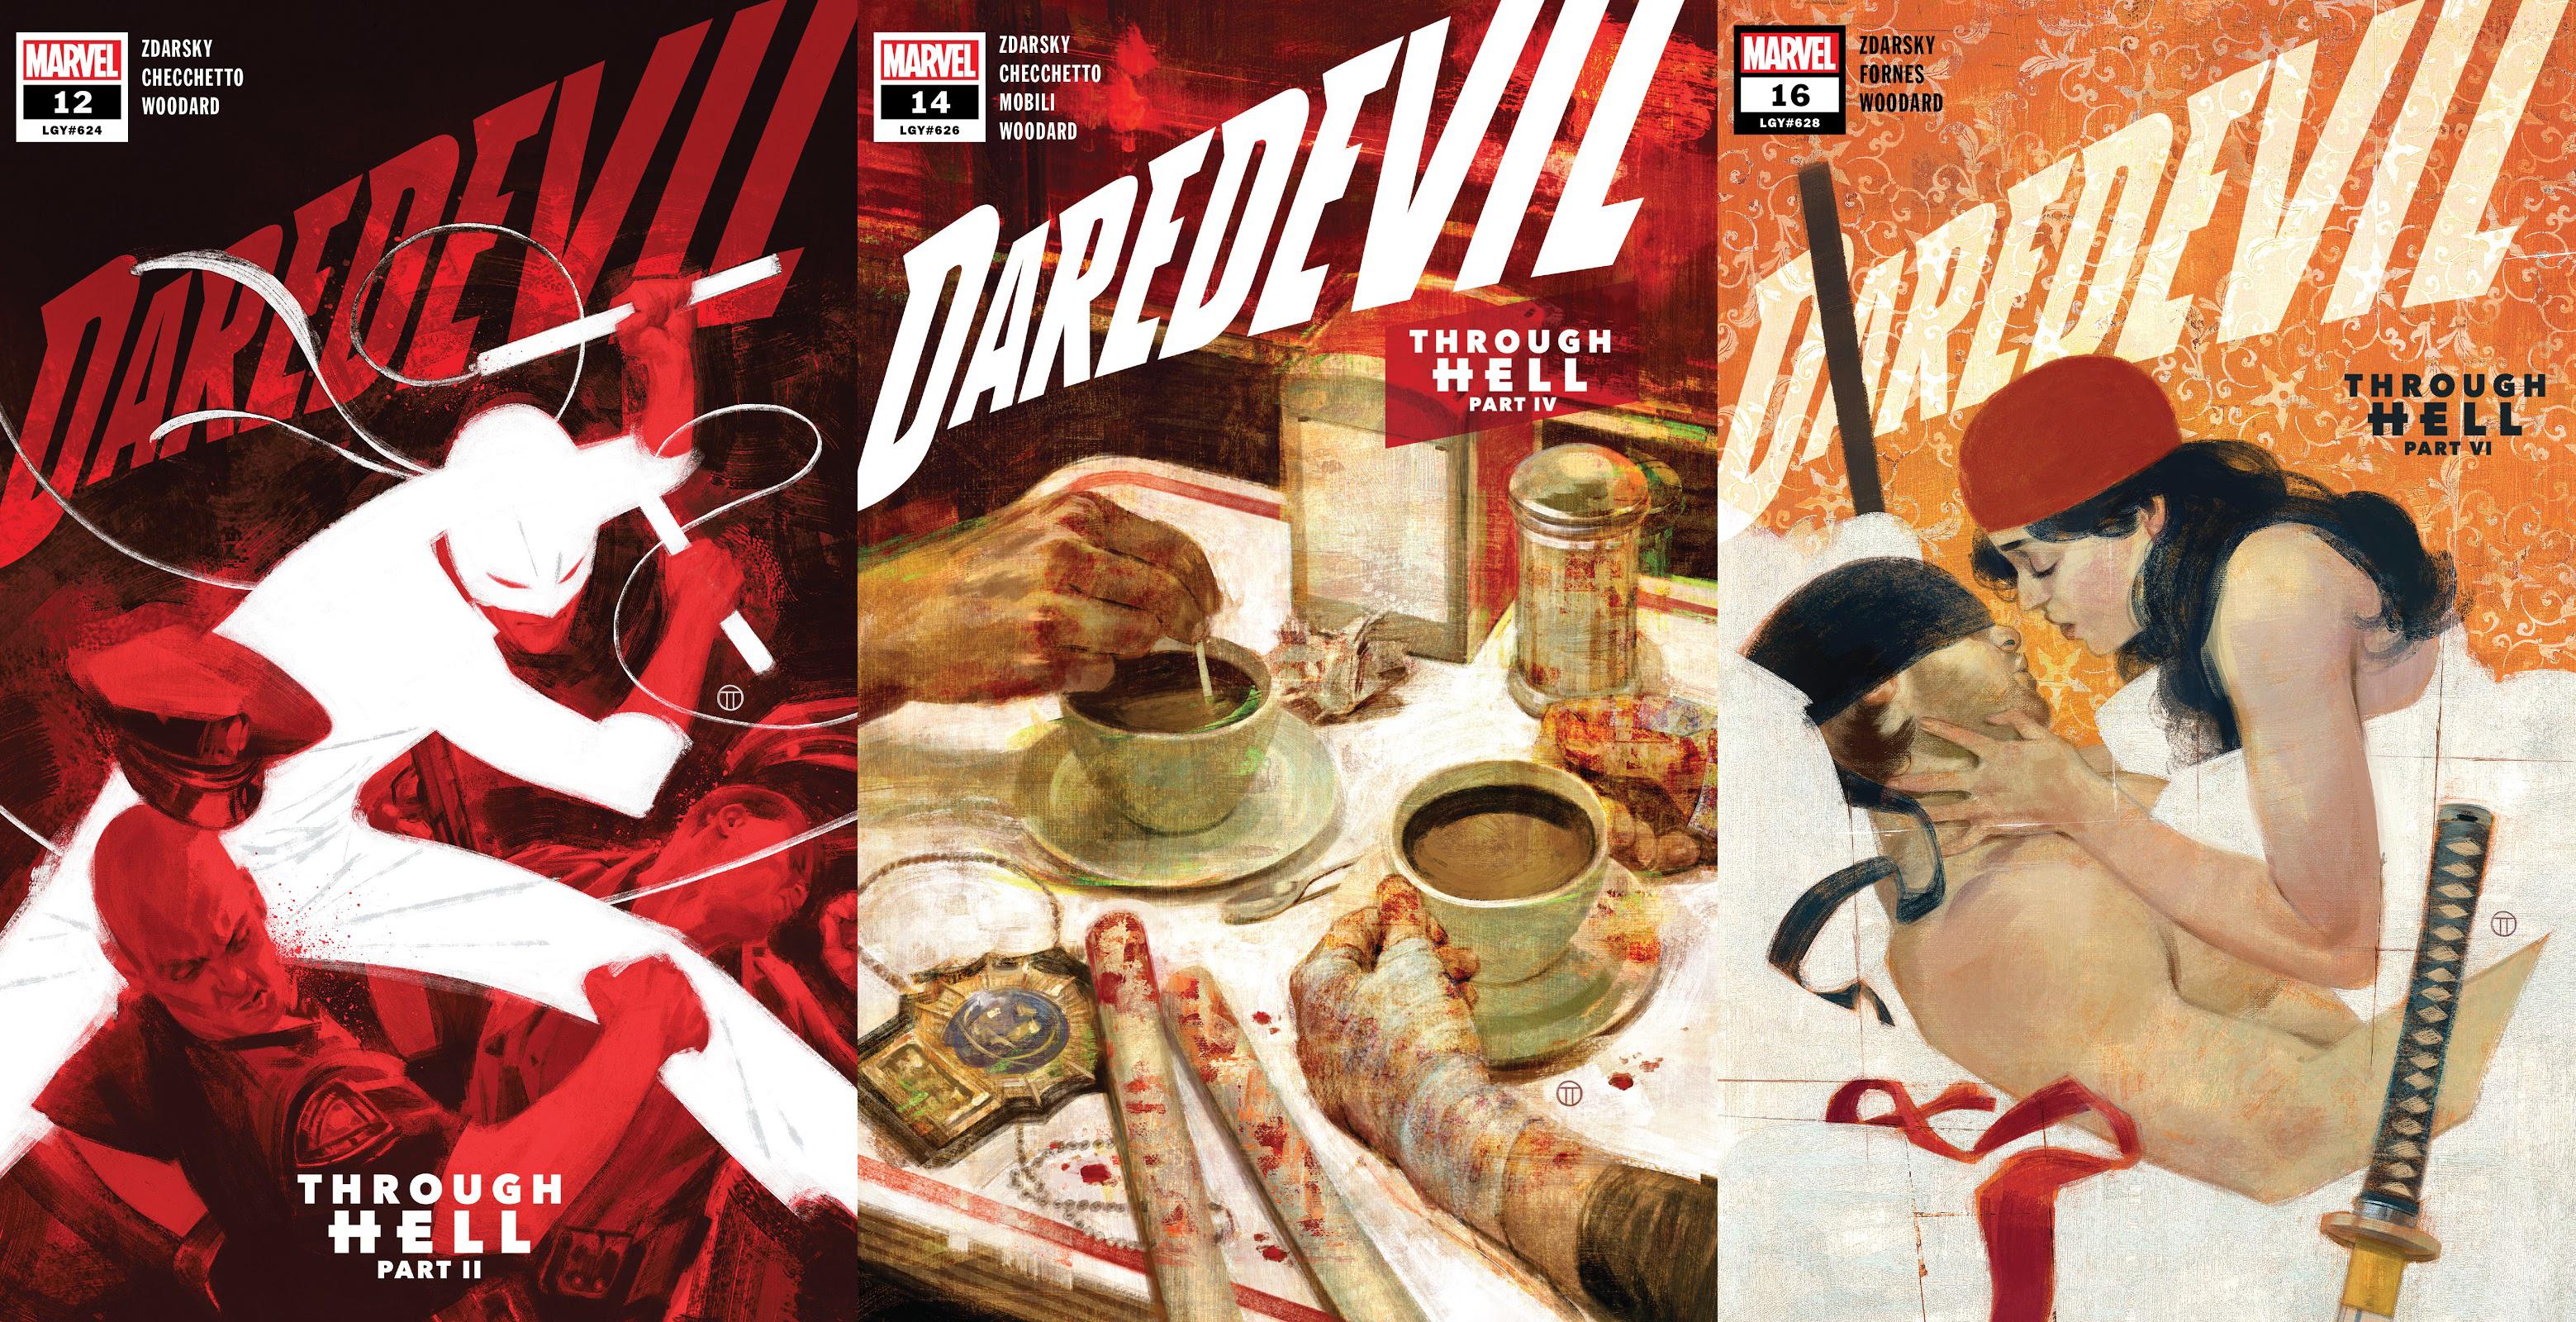 Daredevil Zdarsky covers